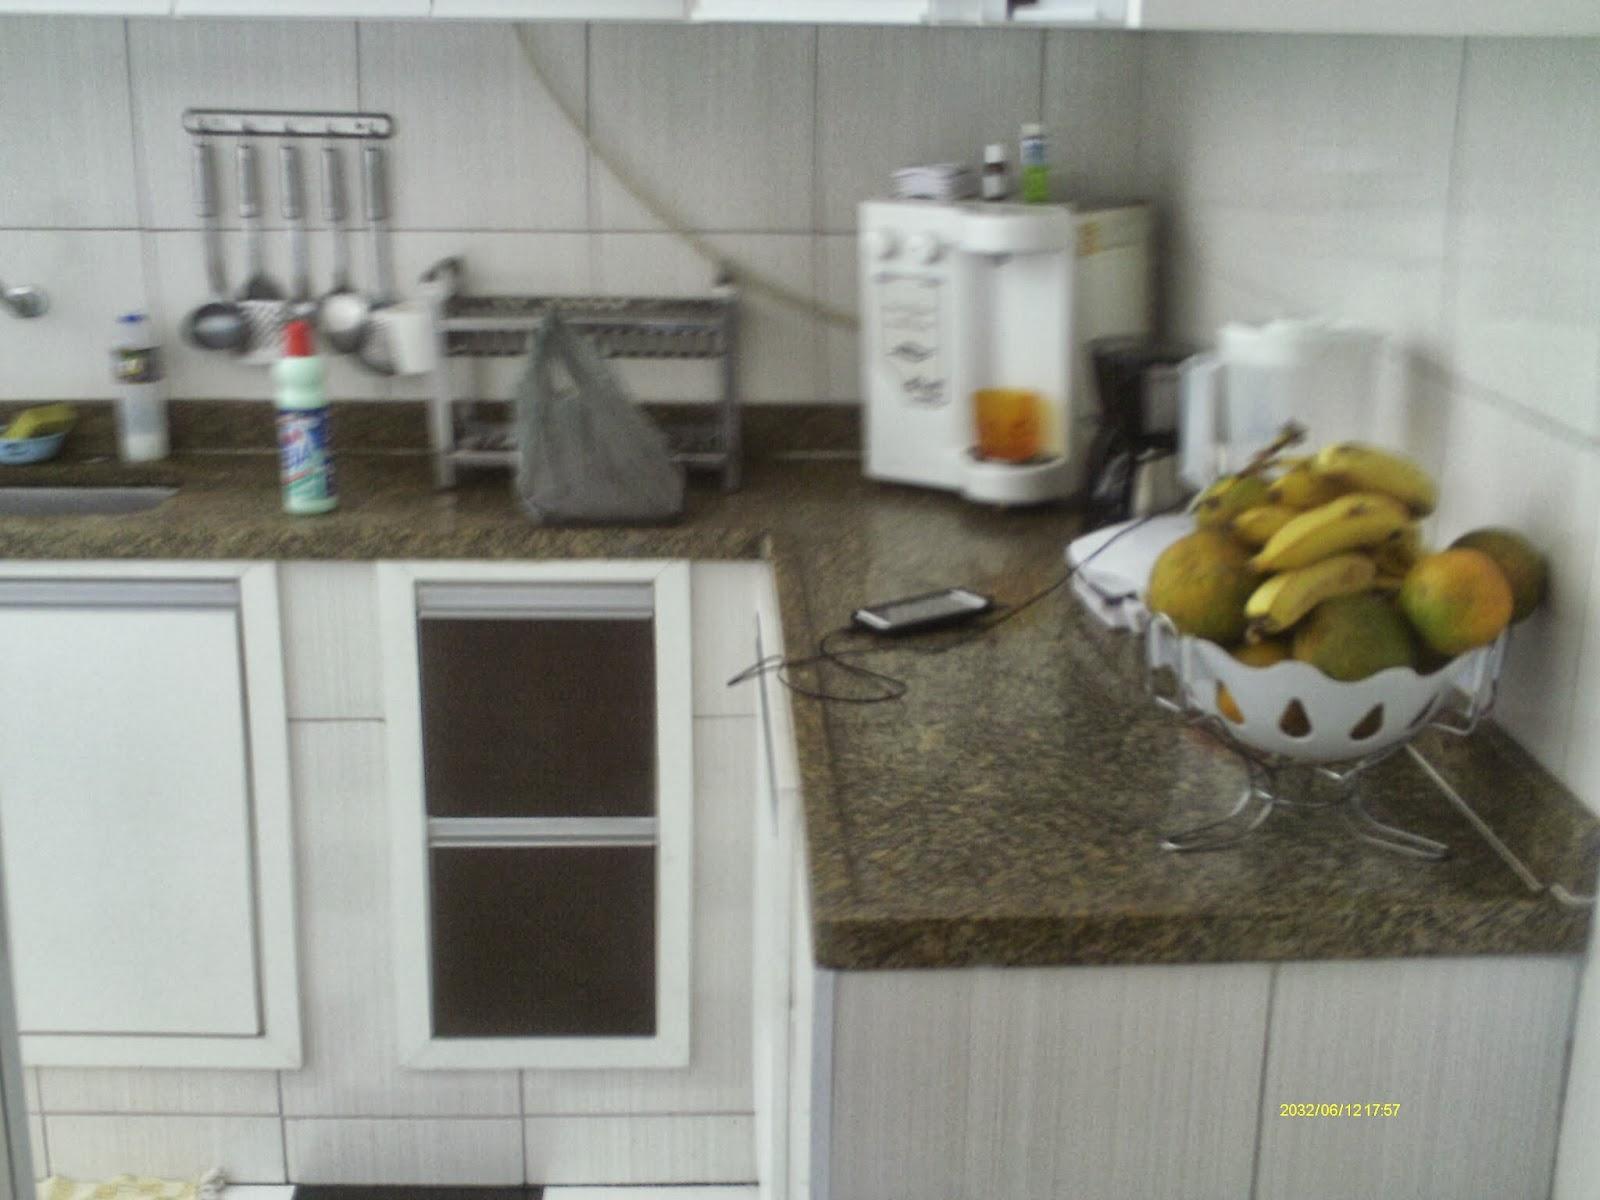 Imagens de #6B6243 Casa Cocotá Ilha do Governador Avelino Freire Imóveis 1600x1200 px 2886 Box Banheiro Ilha Do Governador